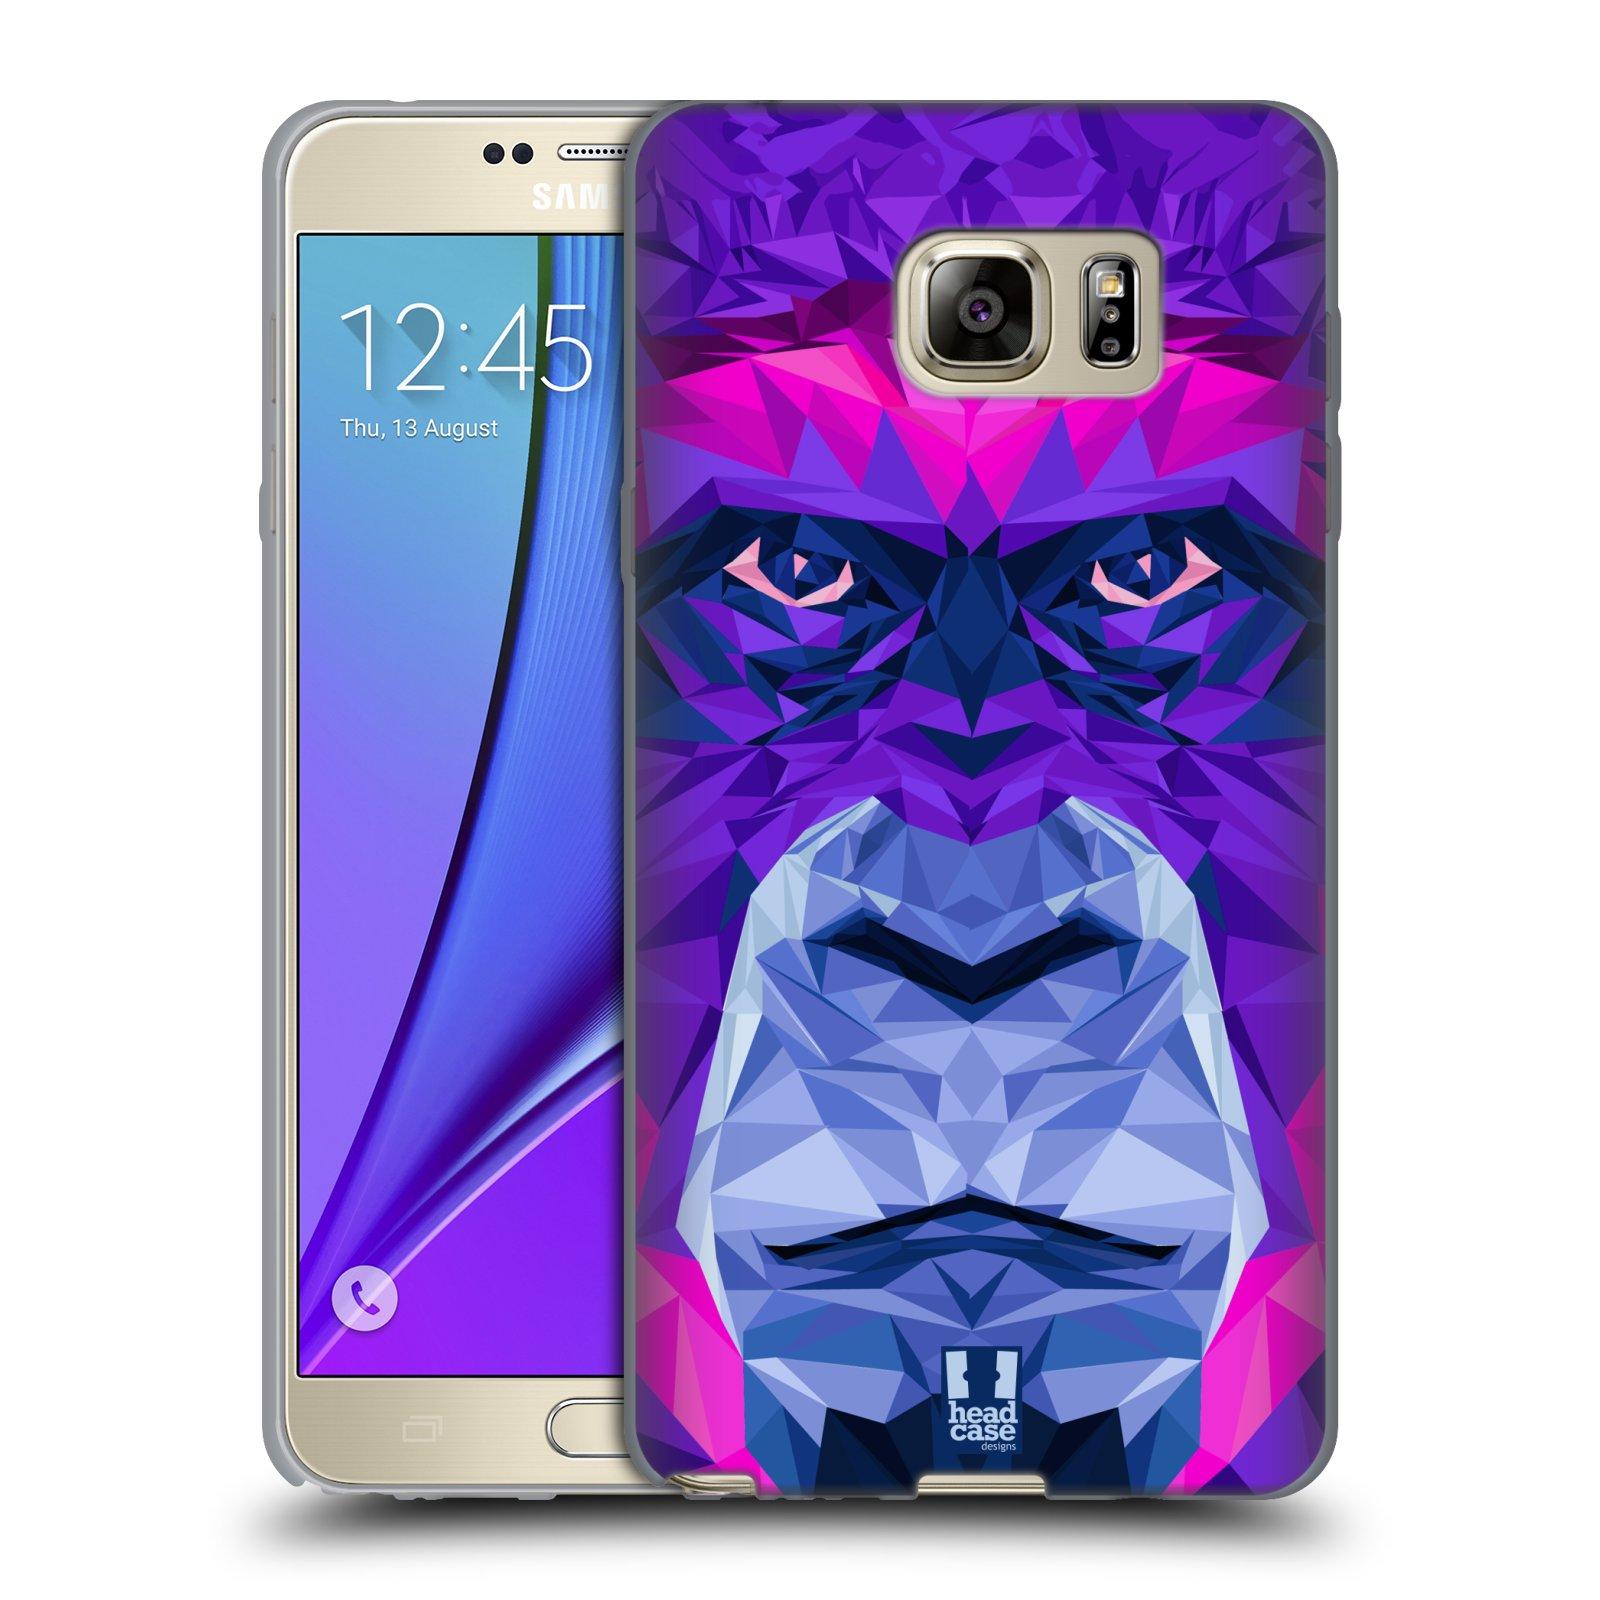 HEAD CASE silikonový obal na mobil Samsung Galaxy Note 5 (N920) vzor Geometrická zvířata 2 Orangutan